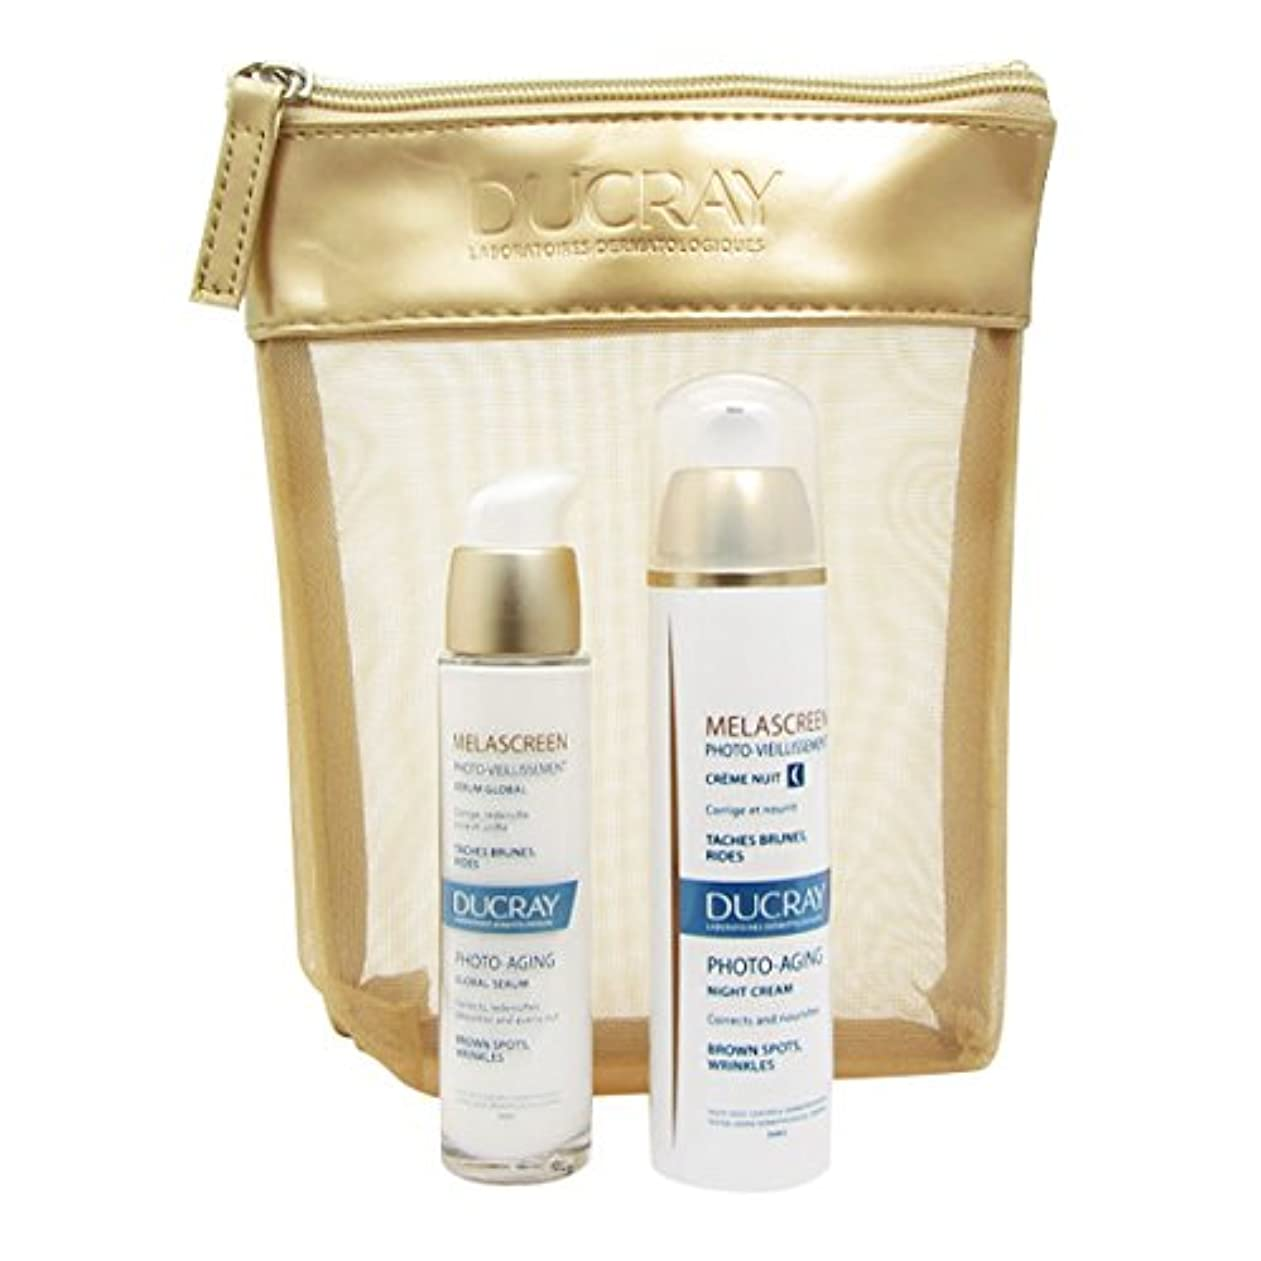 臭い代数的に慣れDucray Melascreen Night Cream + Serum Bag [並行輸入品]